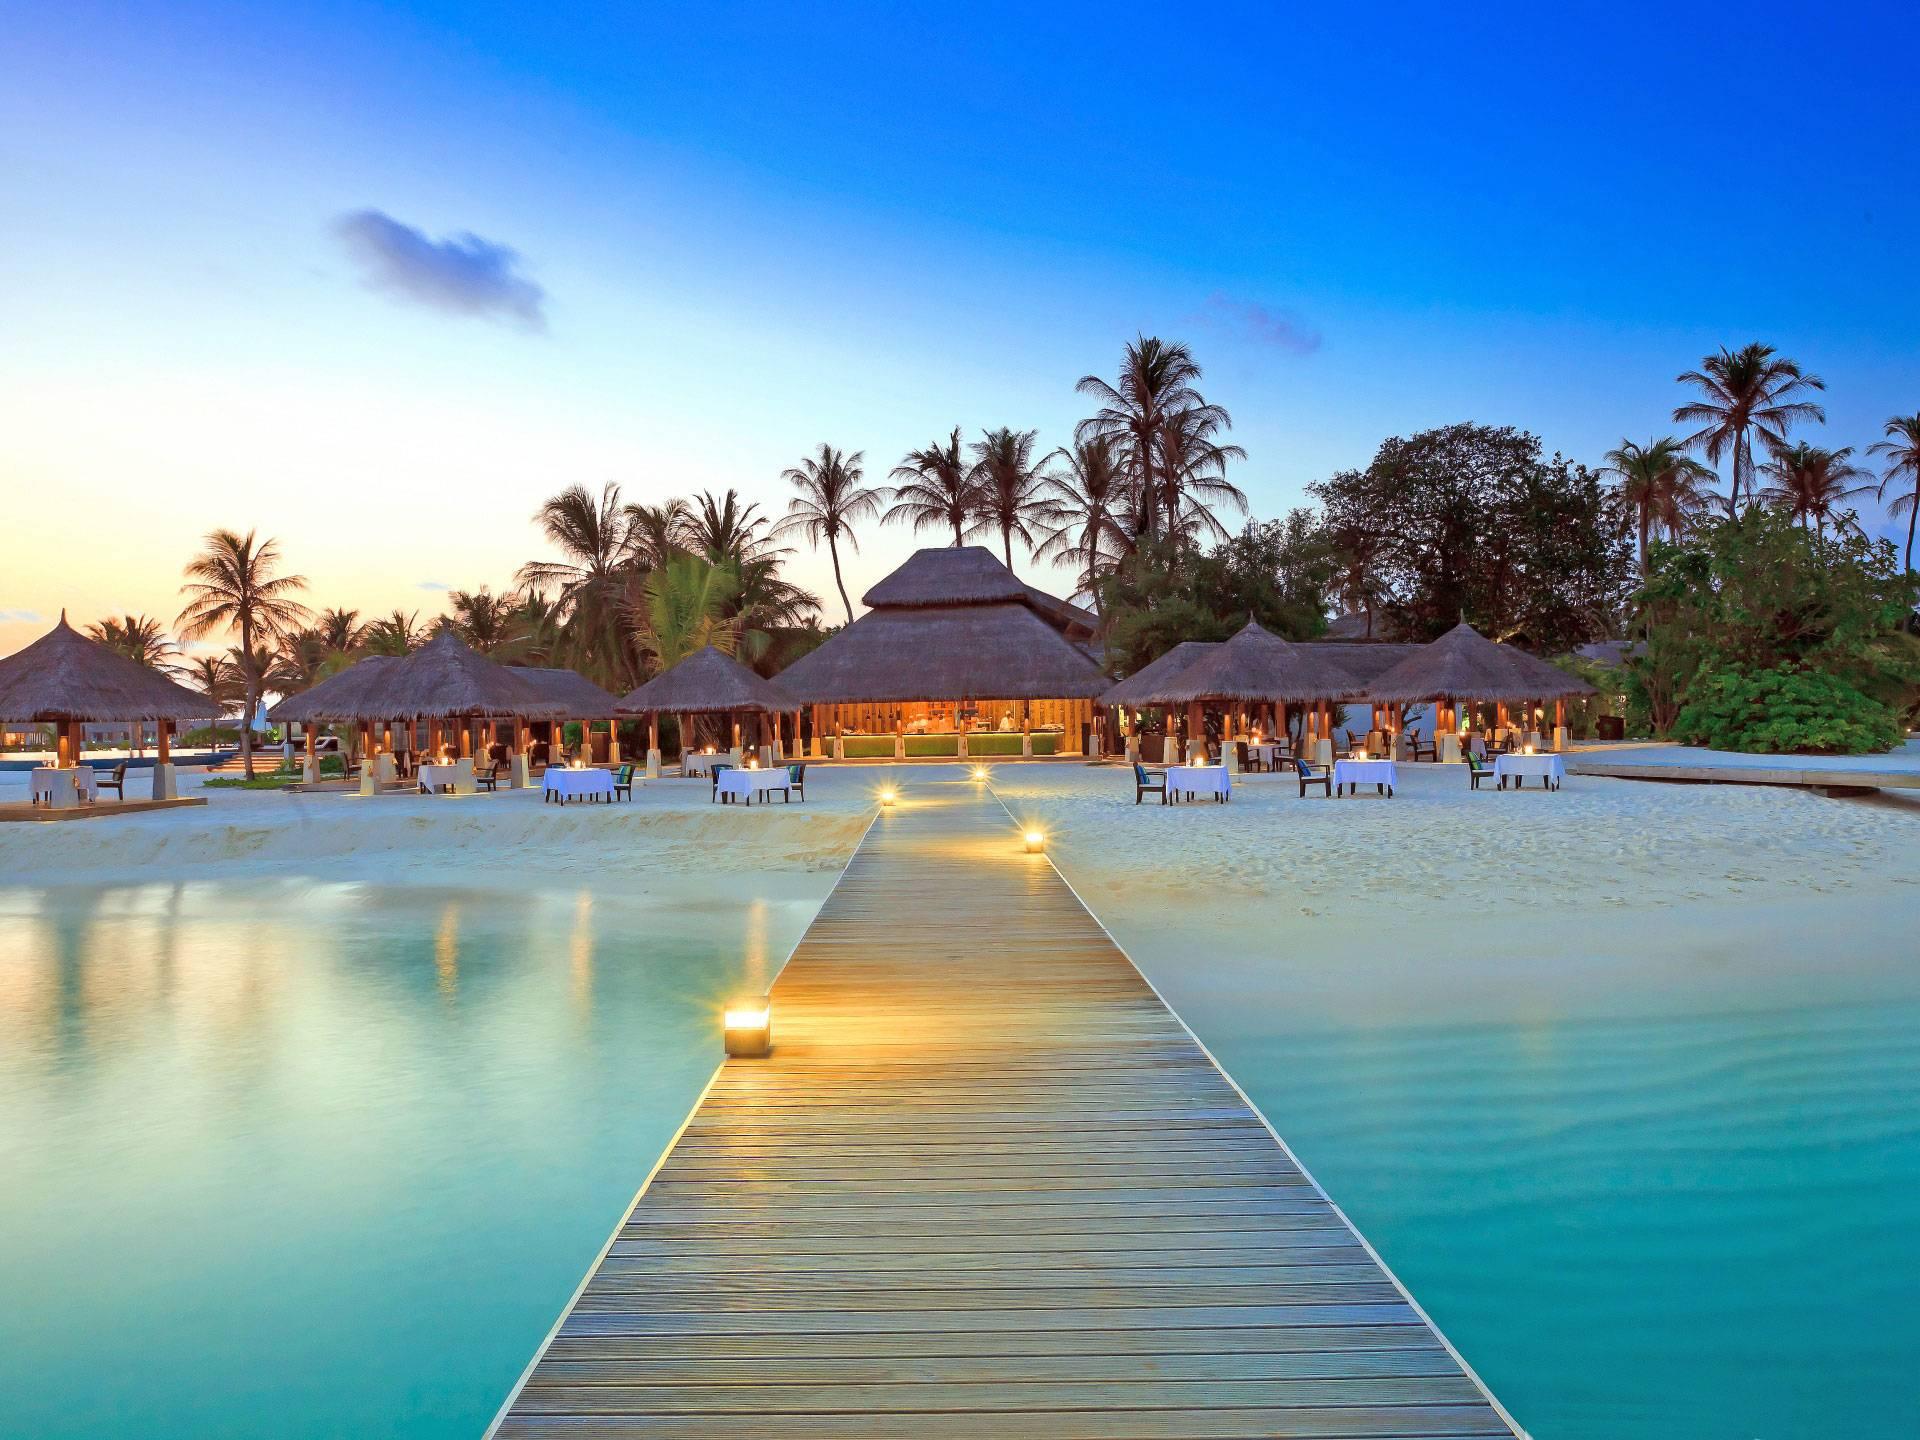 أفضل الدول السياحية للعوائل - جزر المالديف